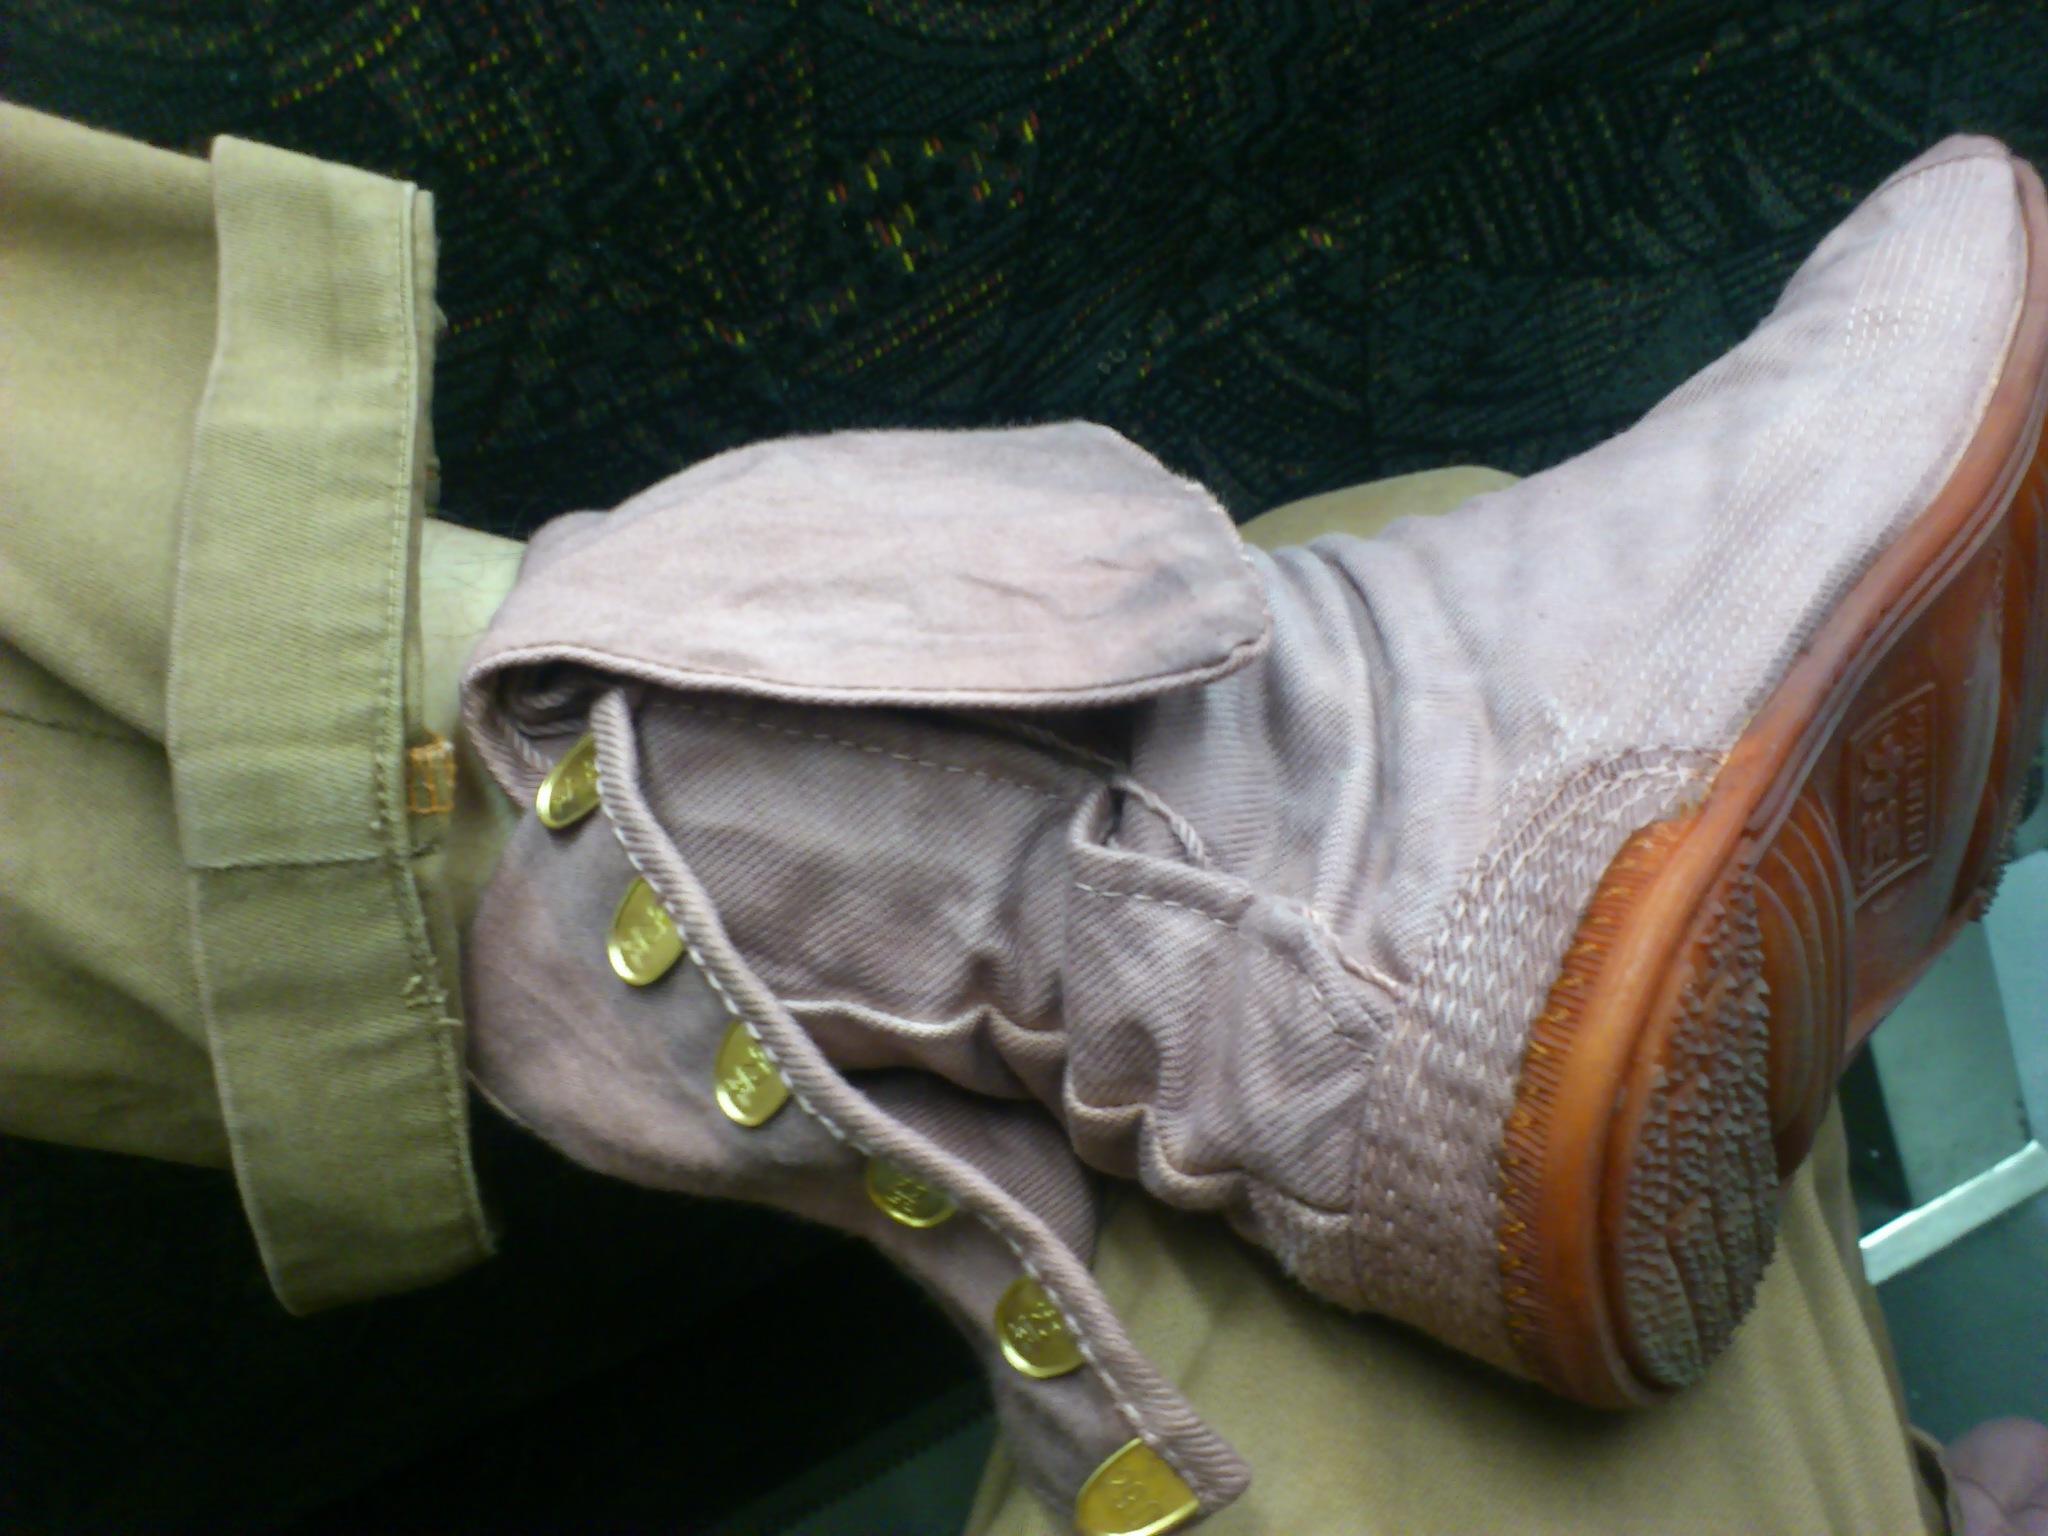 足袋茜染め試作中。重ね染めしてたらブーツ風になってきた。こいつはまだ育つ。ちなみにズボンも育成中。